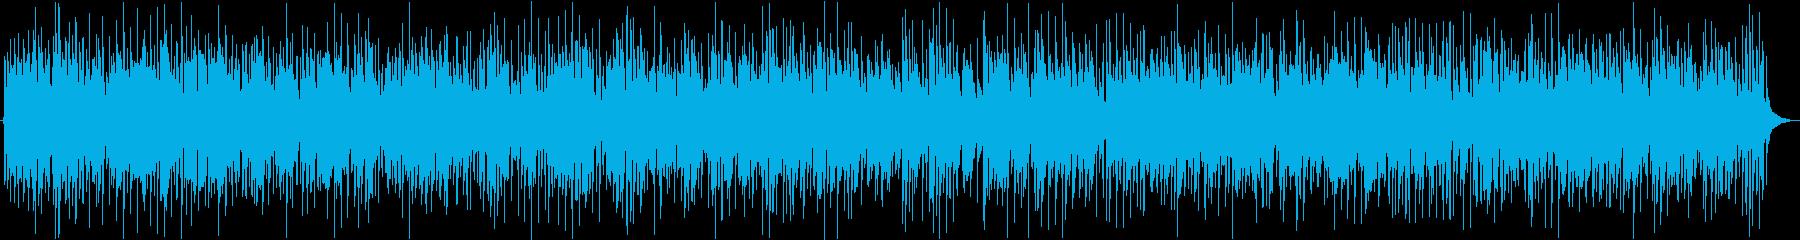 旅のセンチメンタルな気分のカントリー曲の再生済みの波形